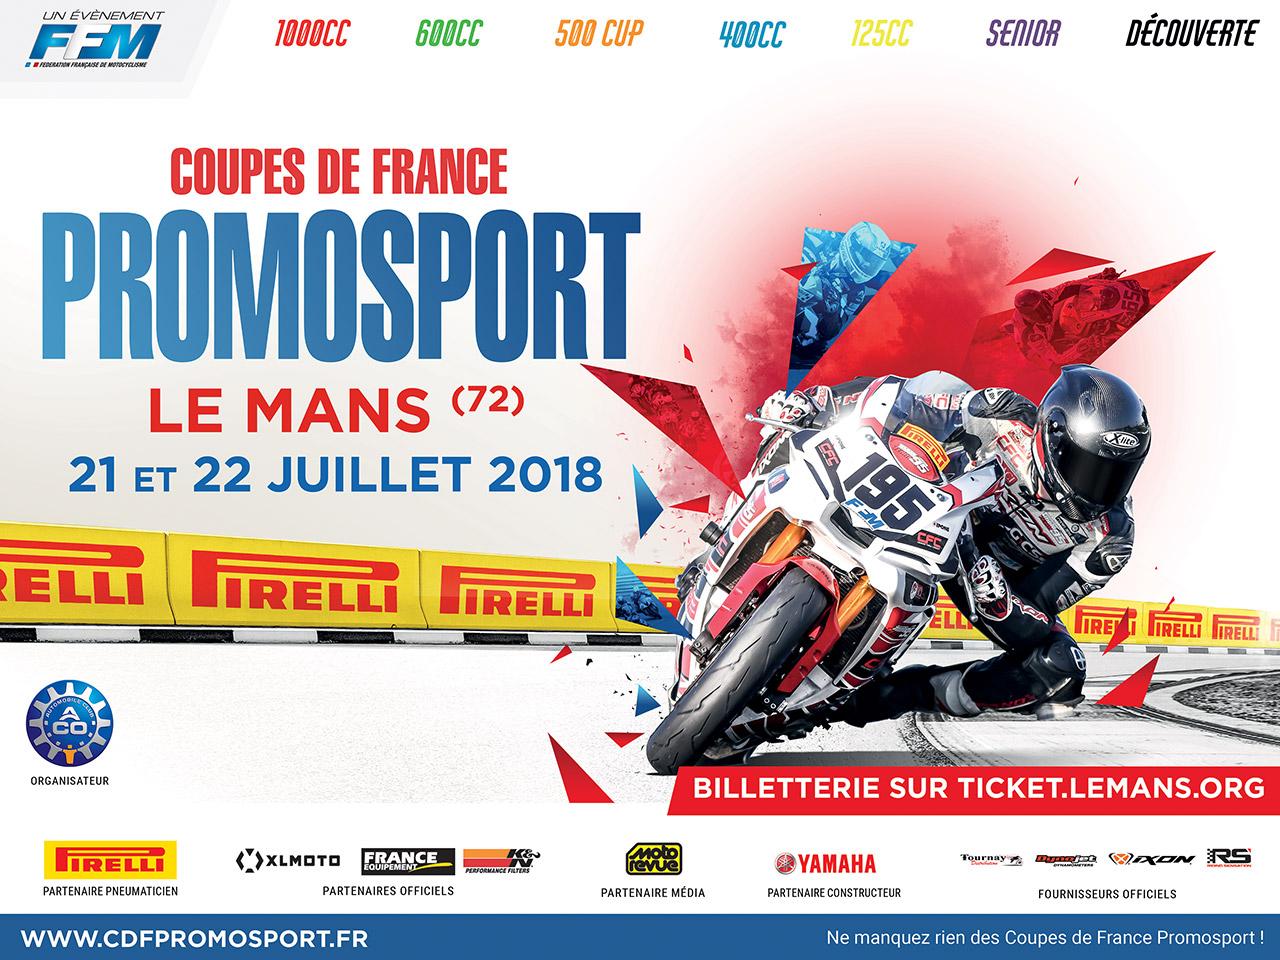 Coupe de France Promosport - Le Mans - 21/22 juillet 2018